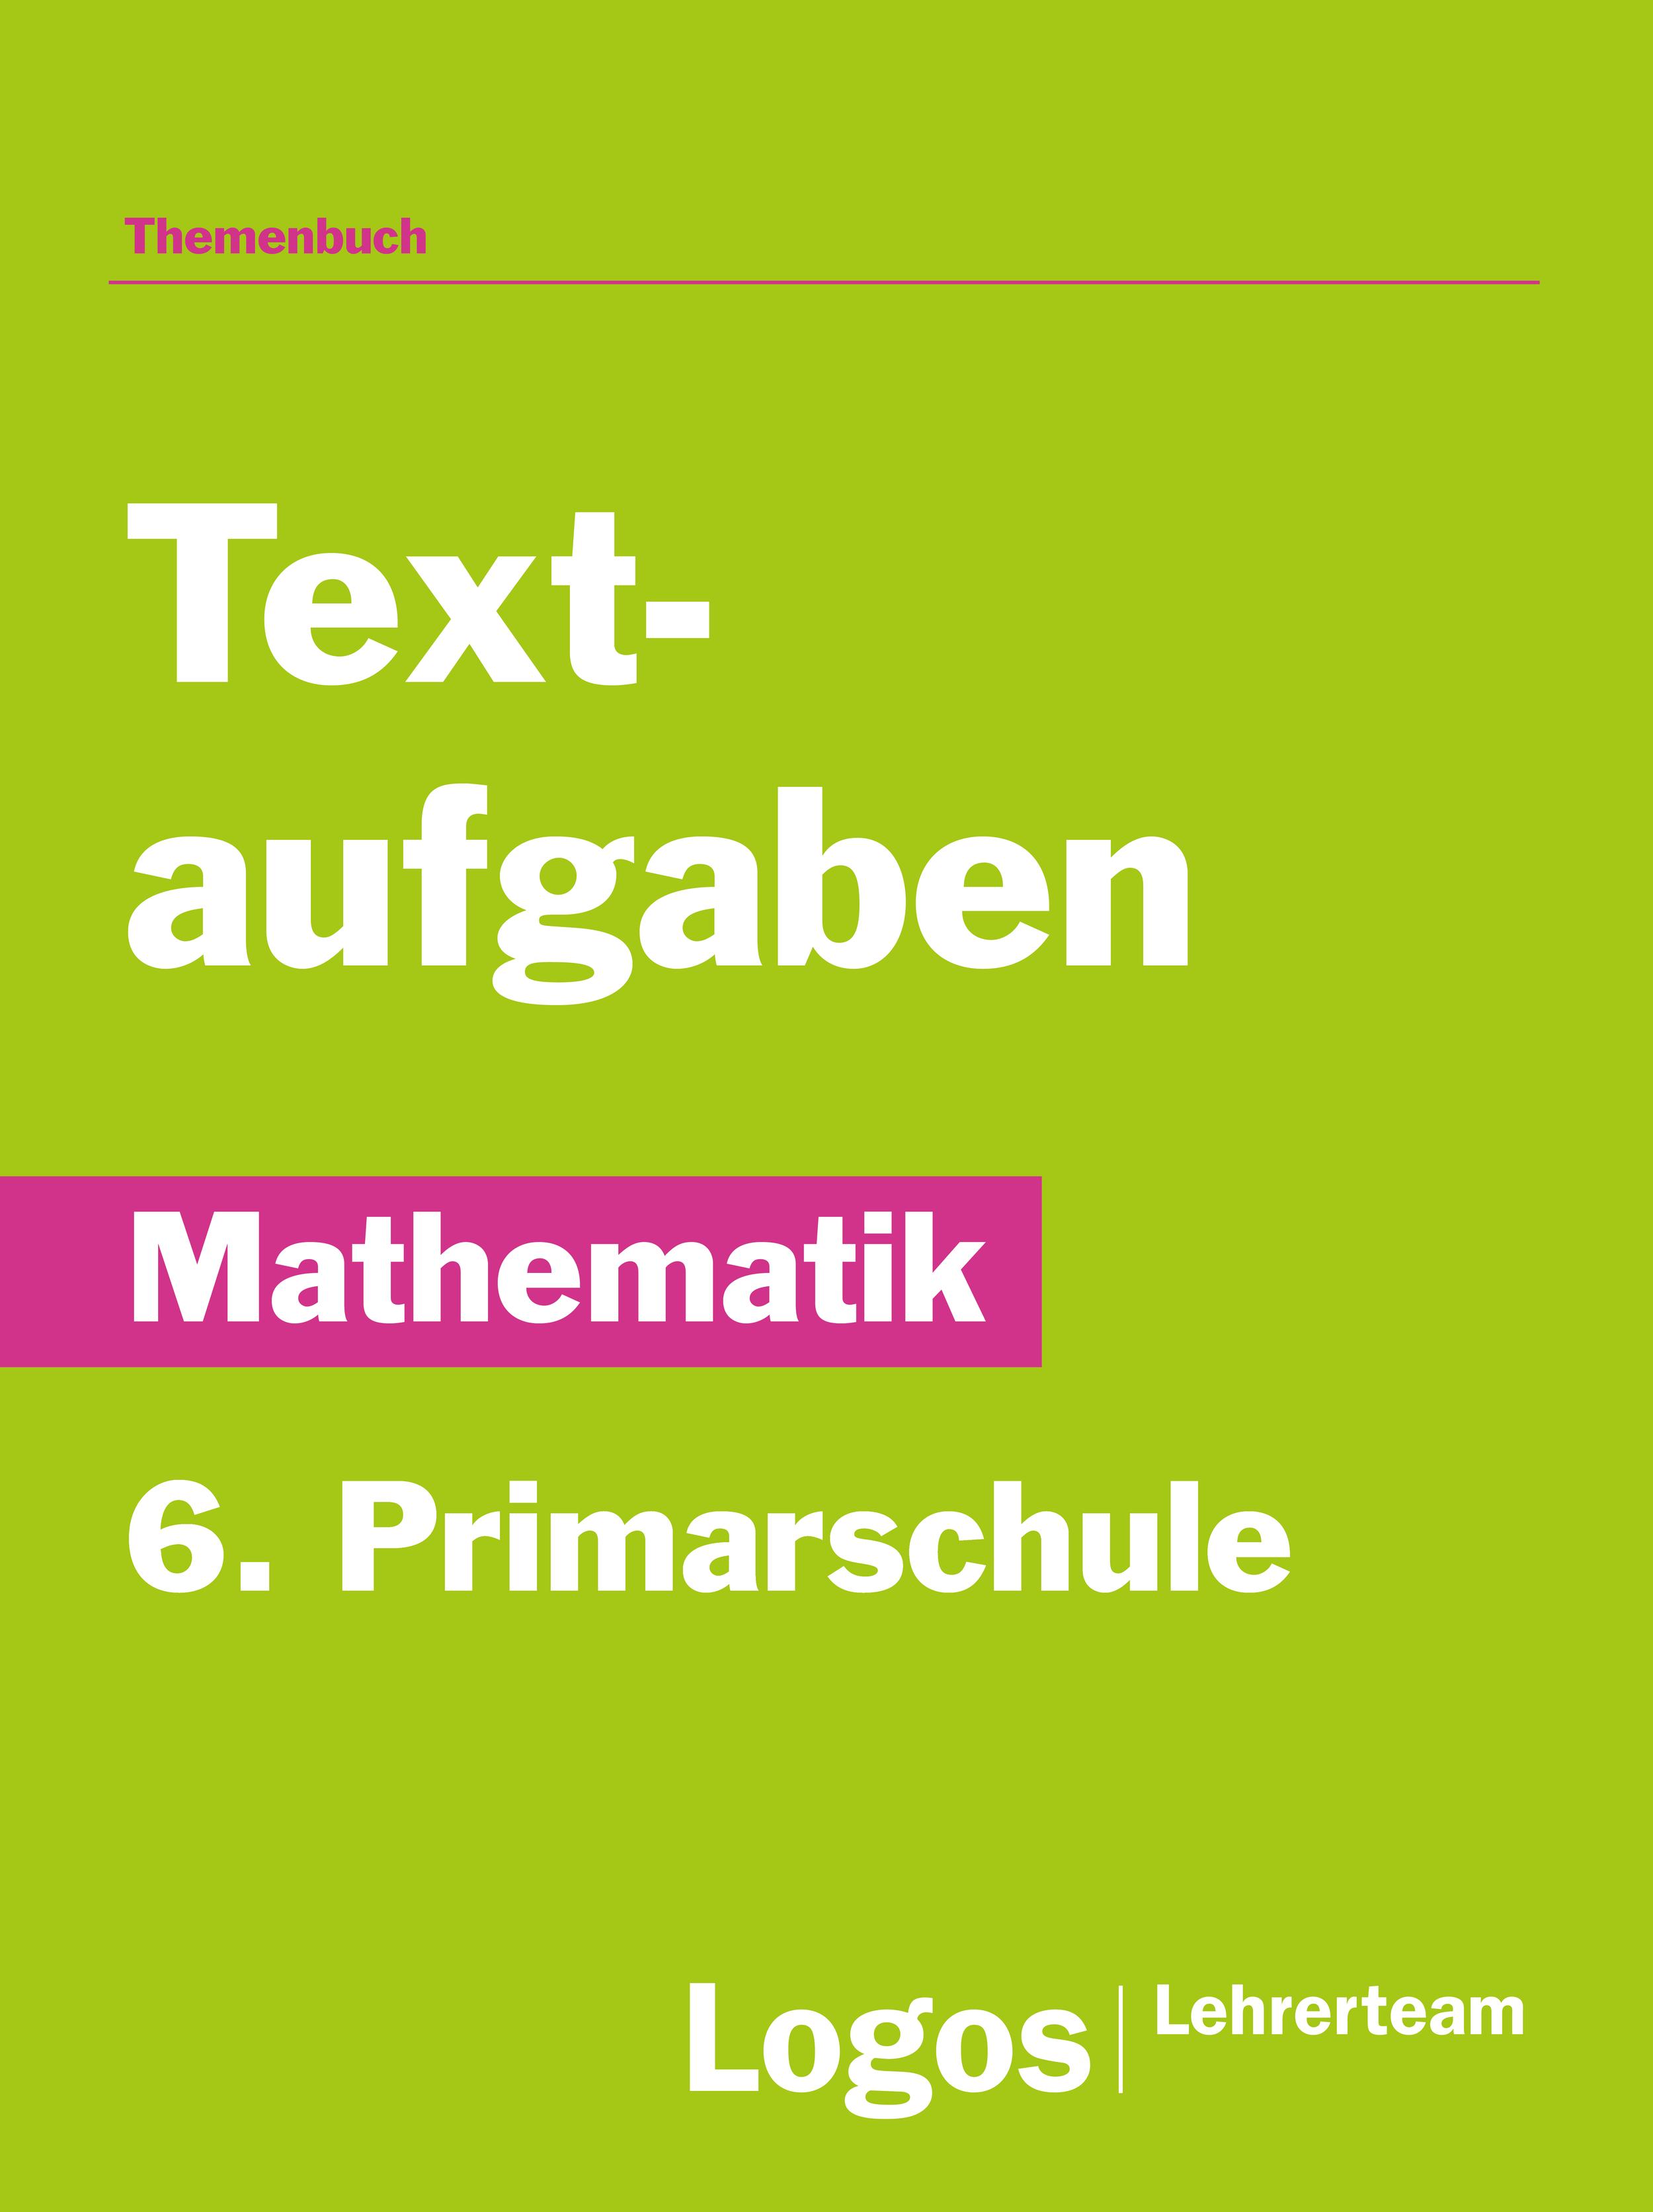 Mathematik Textaufgaben - 6. Primarschule